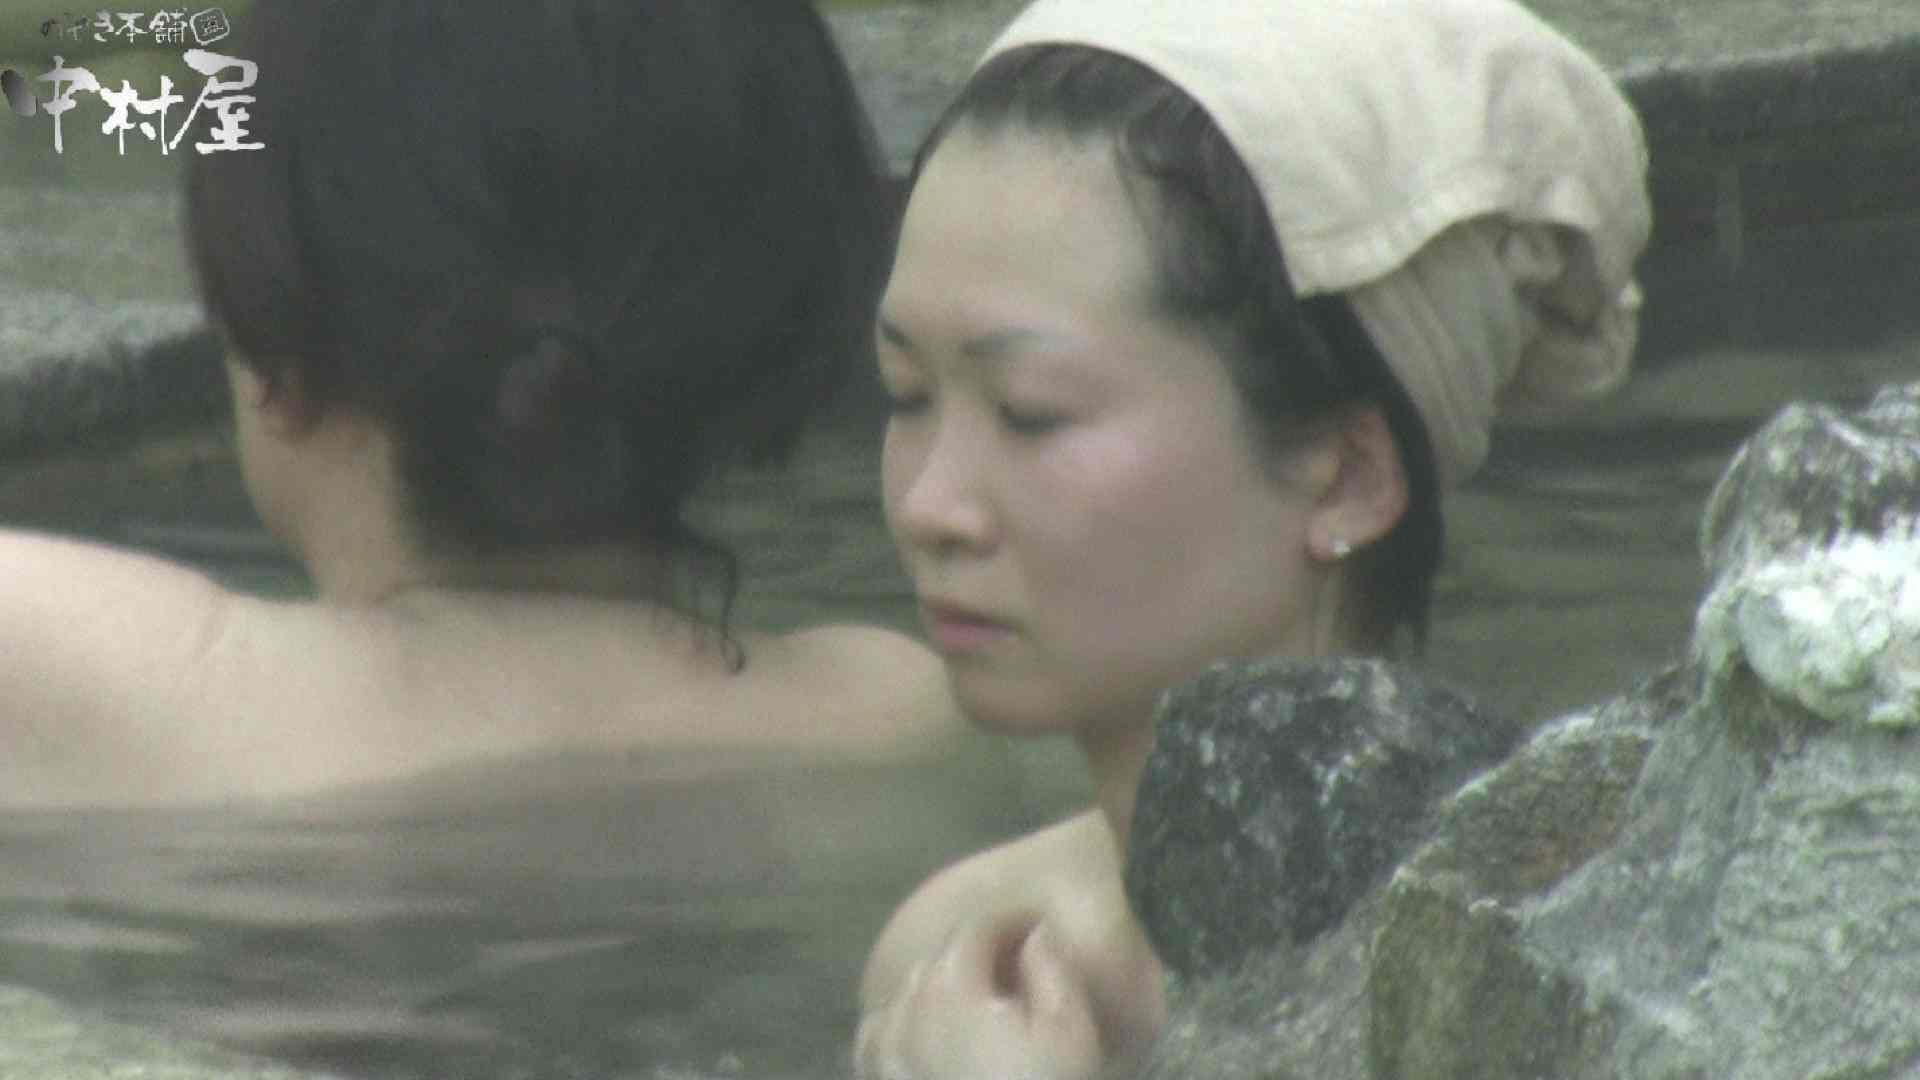 Aquaな露天風呂Vol.906 露天風呂 | 盗撮動画  11枚 11